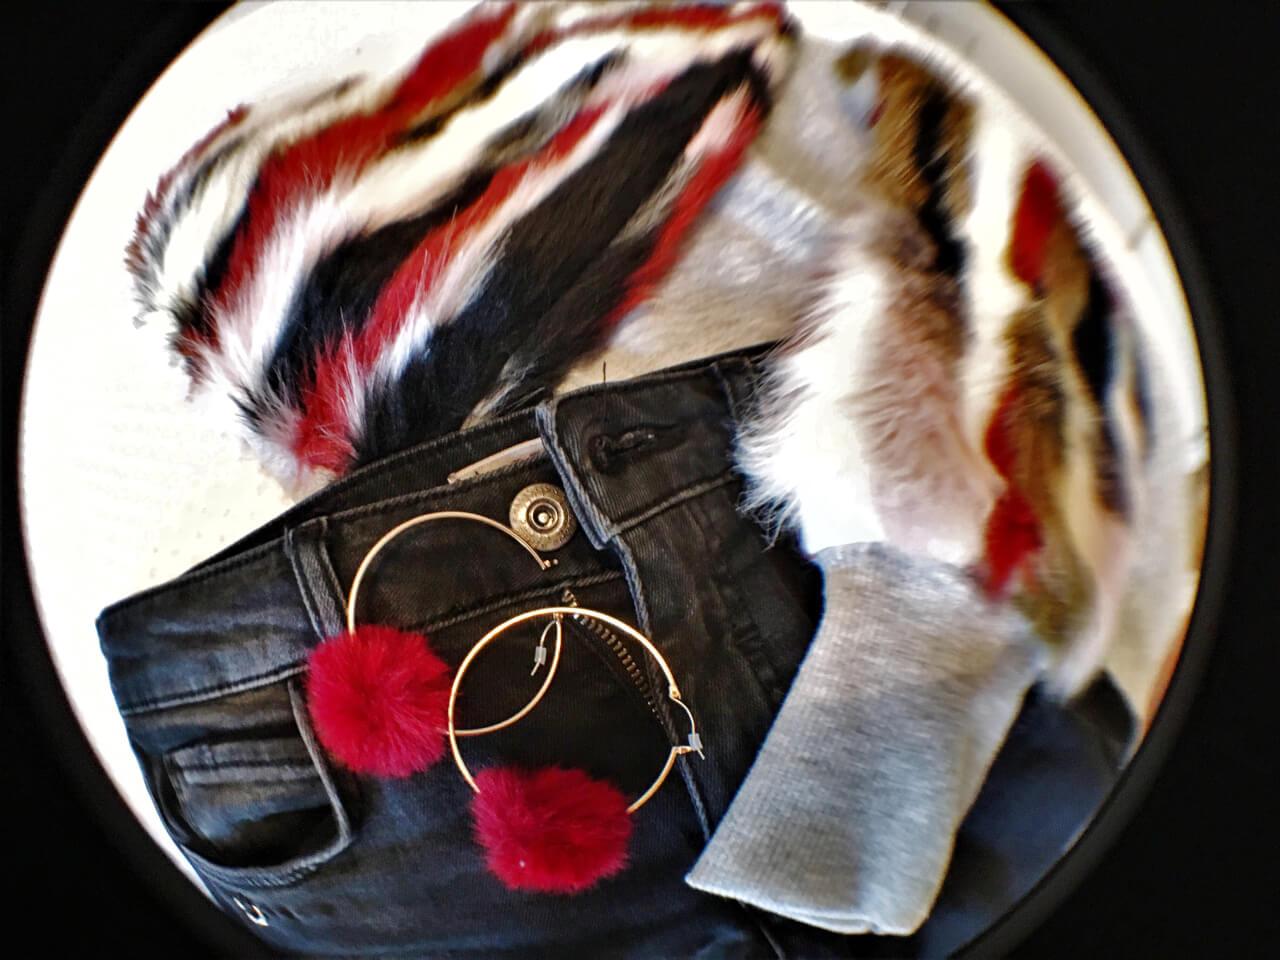 otfit - TOP 10 pletených modelov, ktoré túto zimu očaria i zahrejú